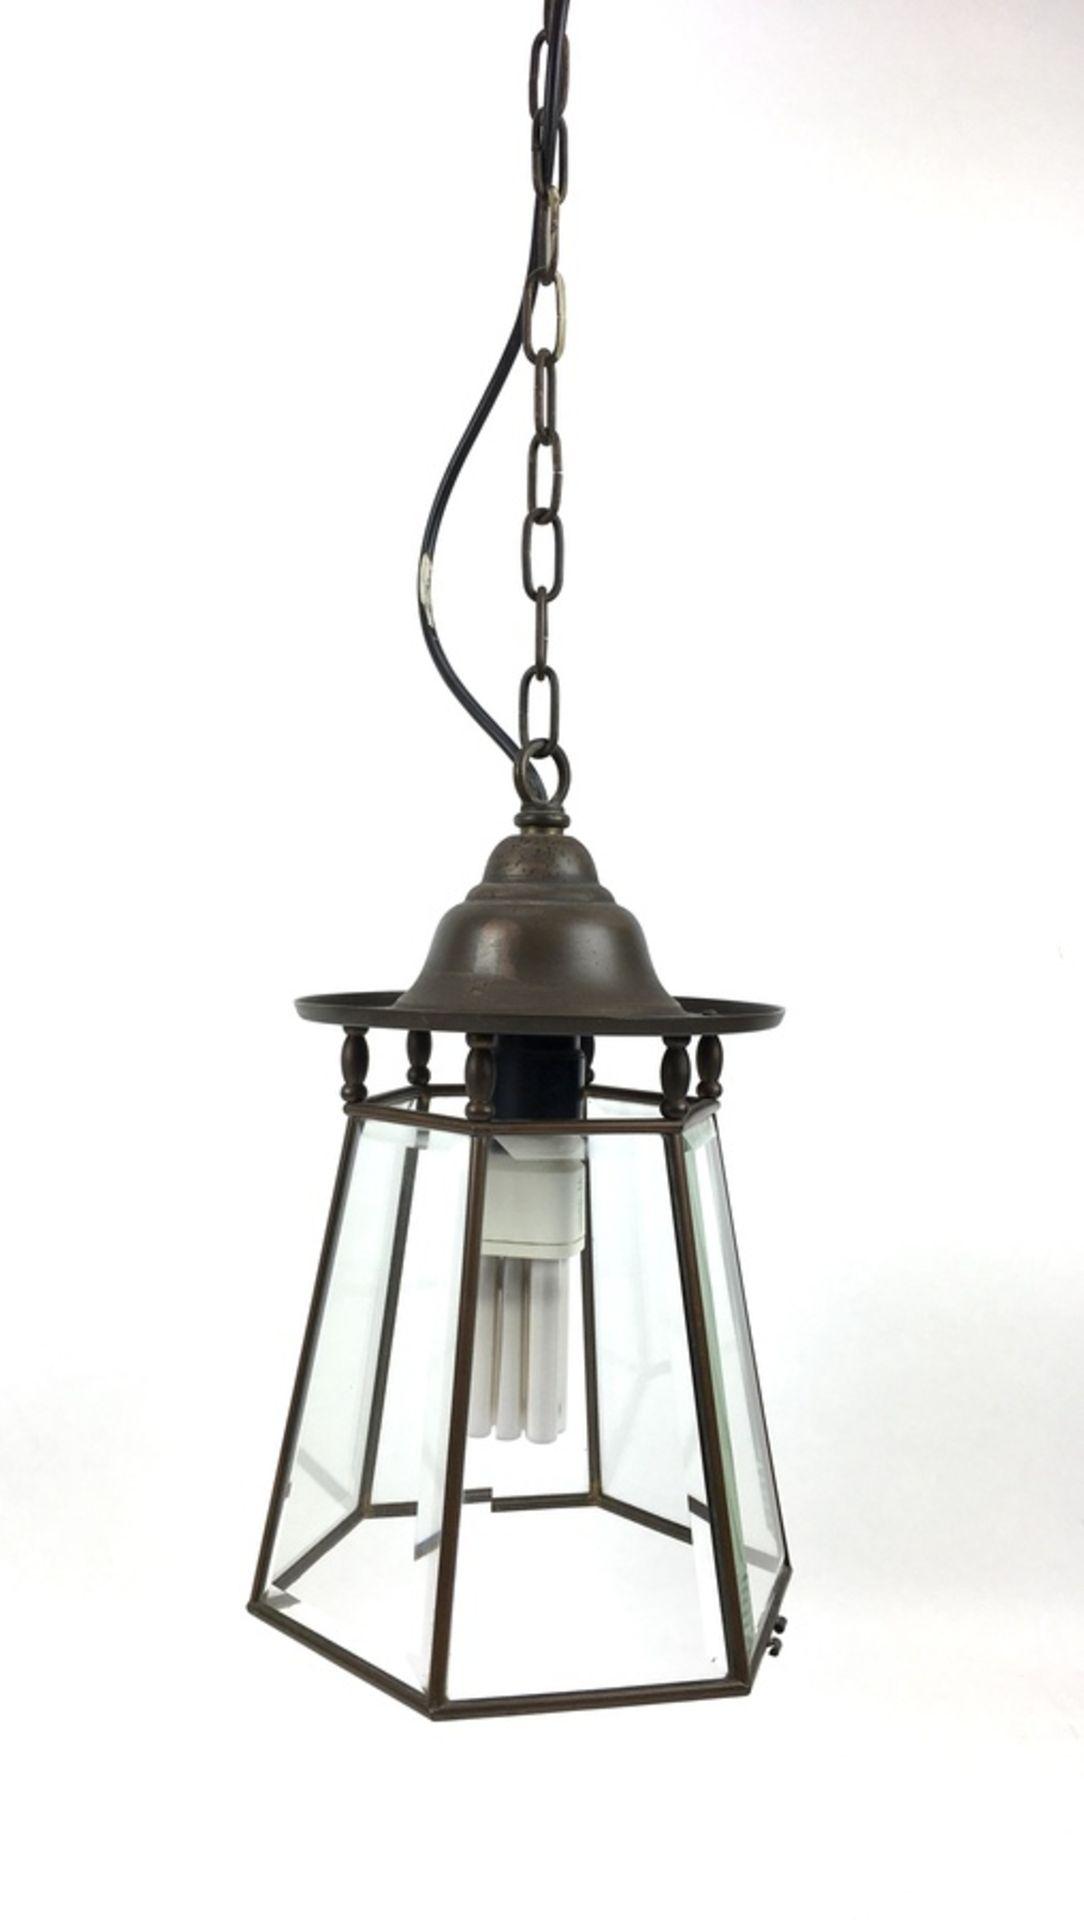 (Curiosa) HanglampZeskantige koper met geslepen glas hanglamp. Eerste helft 20e eeuw. Conditie: